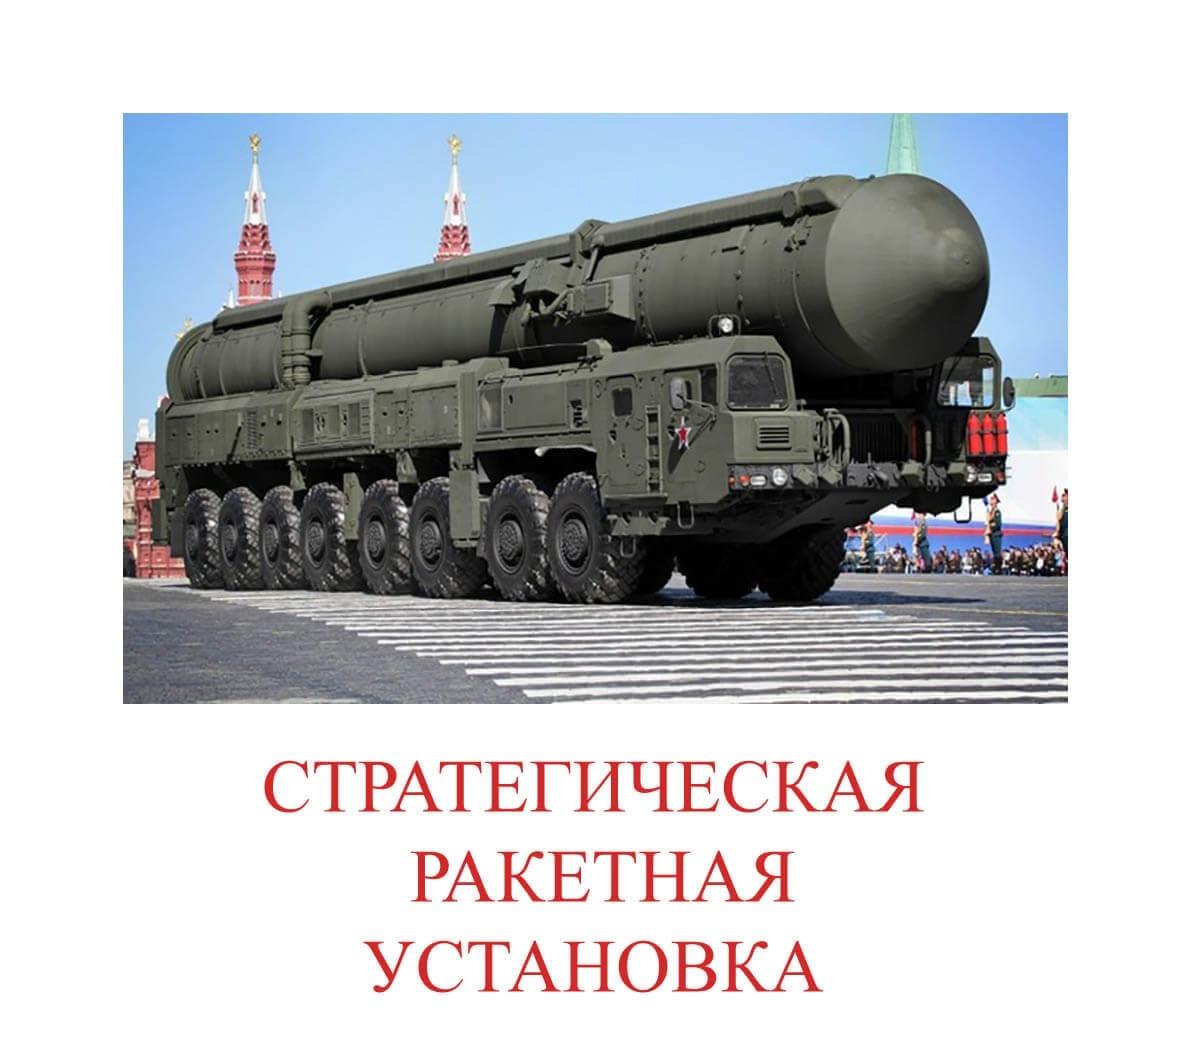 Стратегическая ракетная установка картинка